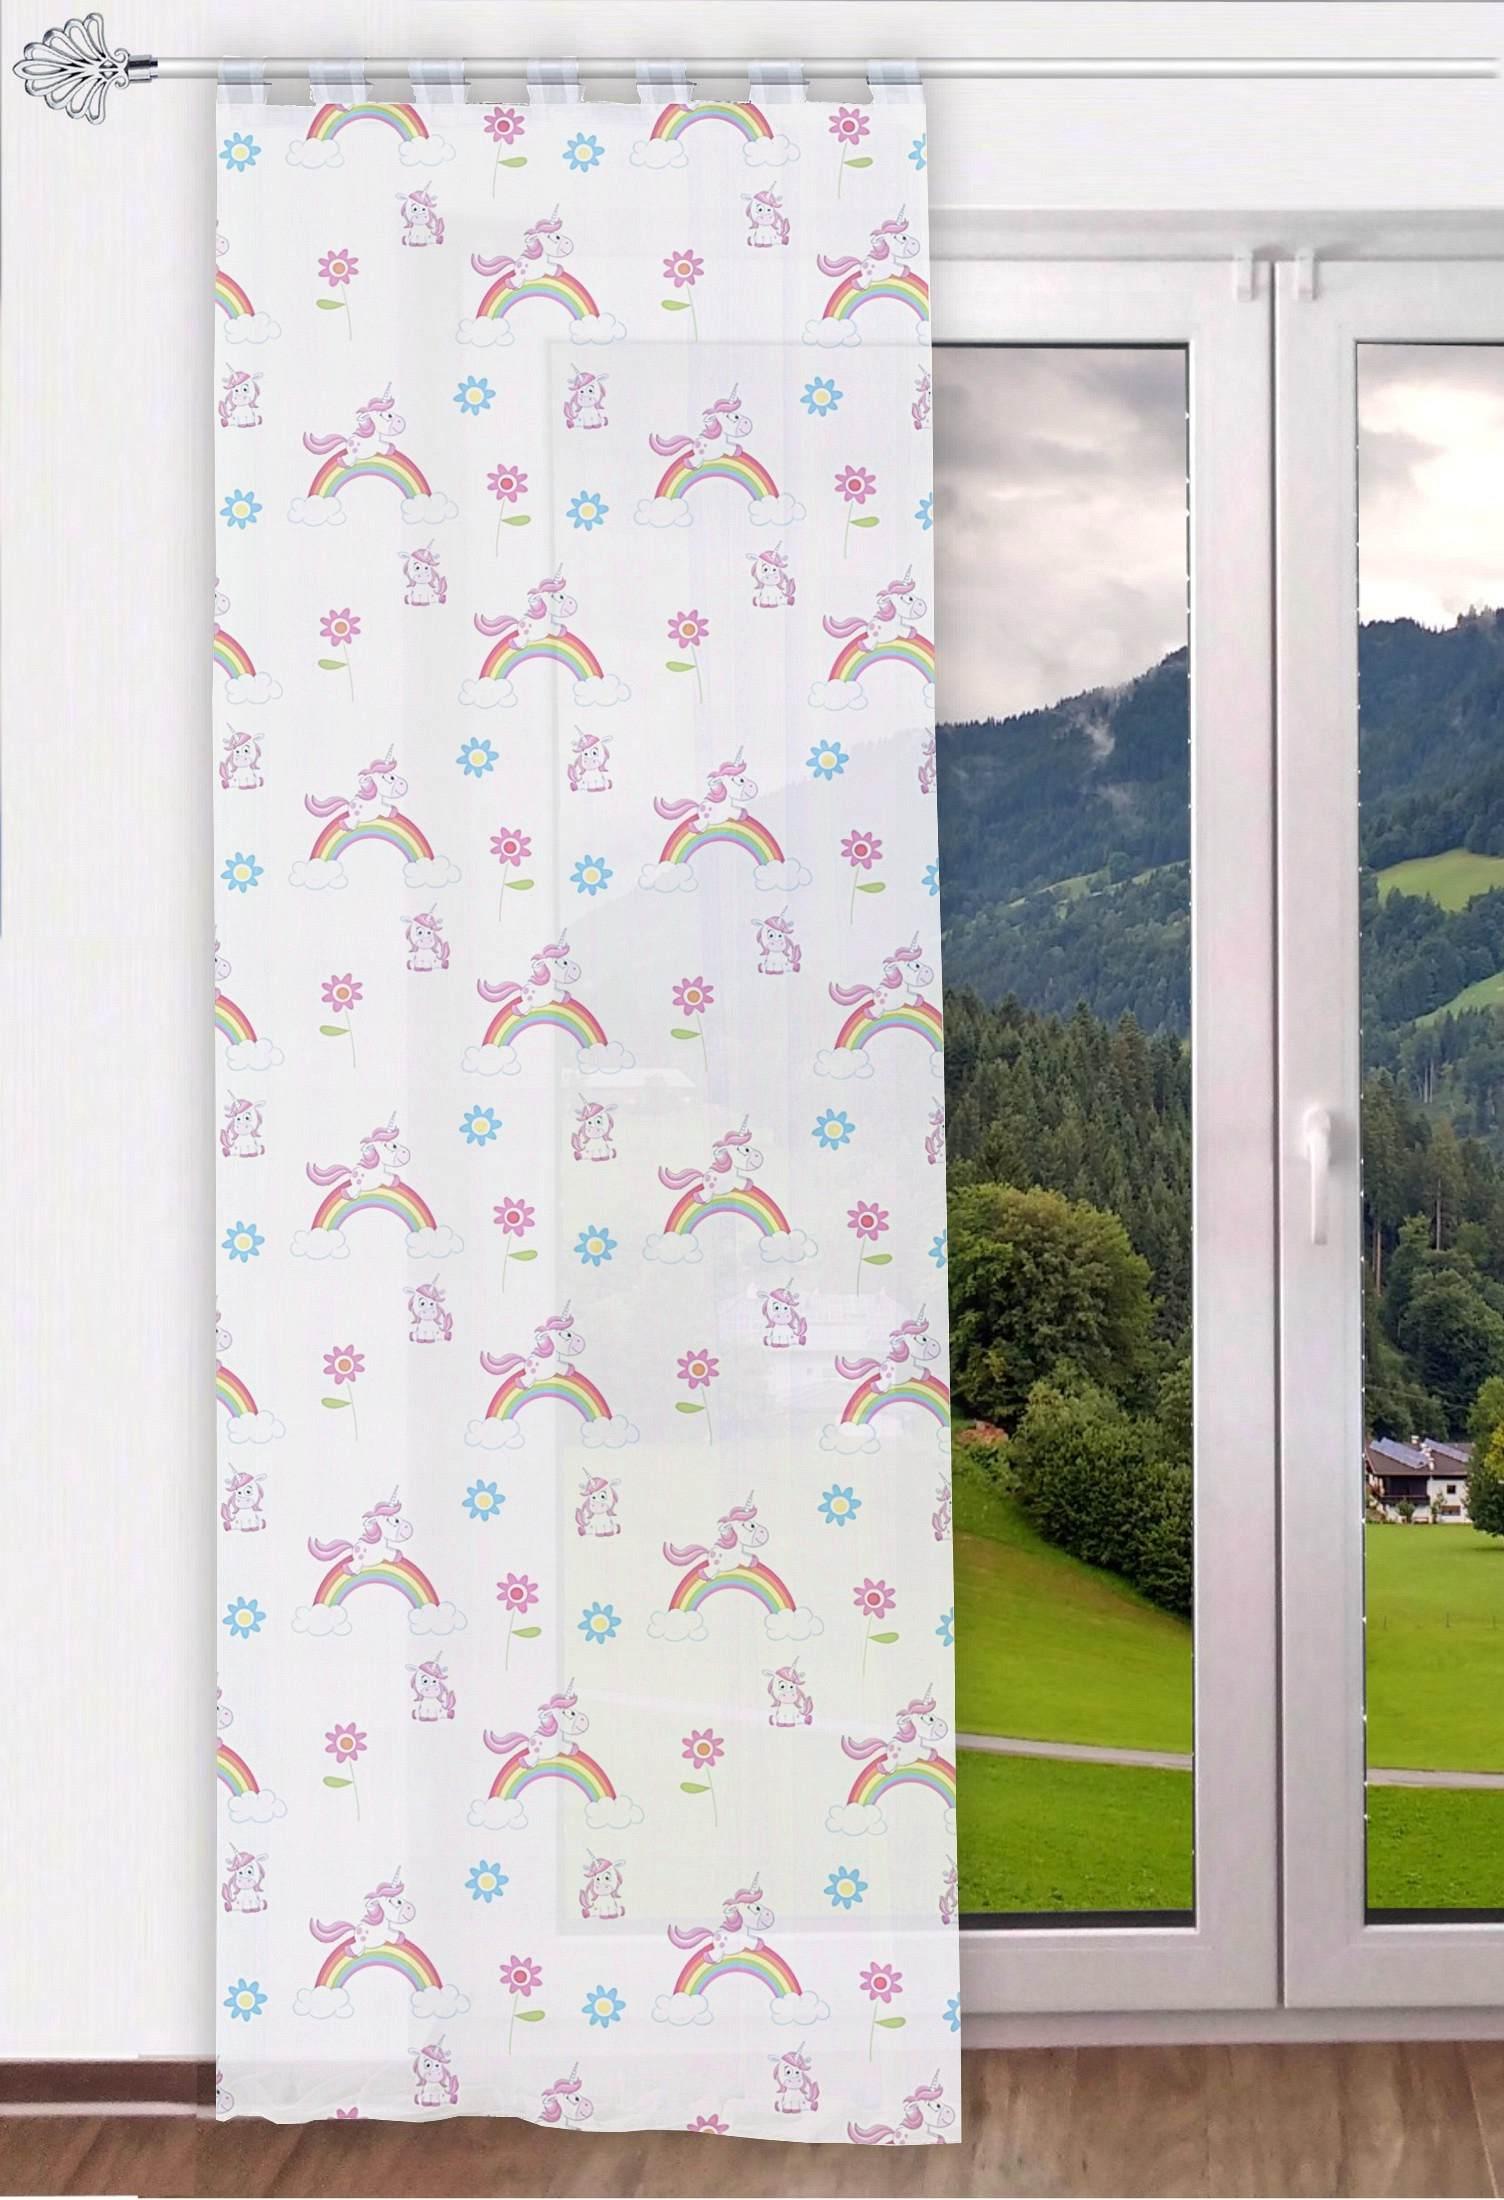 Full Size of Raffrollo Kinderzimmer Gardinen Welt Online Shop Moderner Schlaufenschal Aus Küche Regal Sofa Regale Weiß Kinderzimmer Raffrollo Kinderzimmer